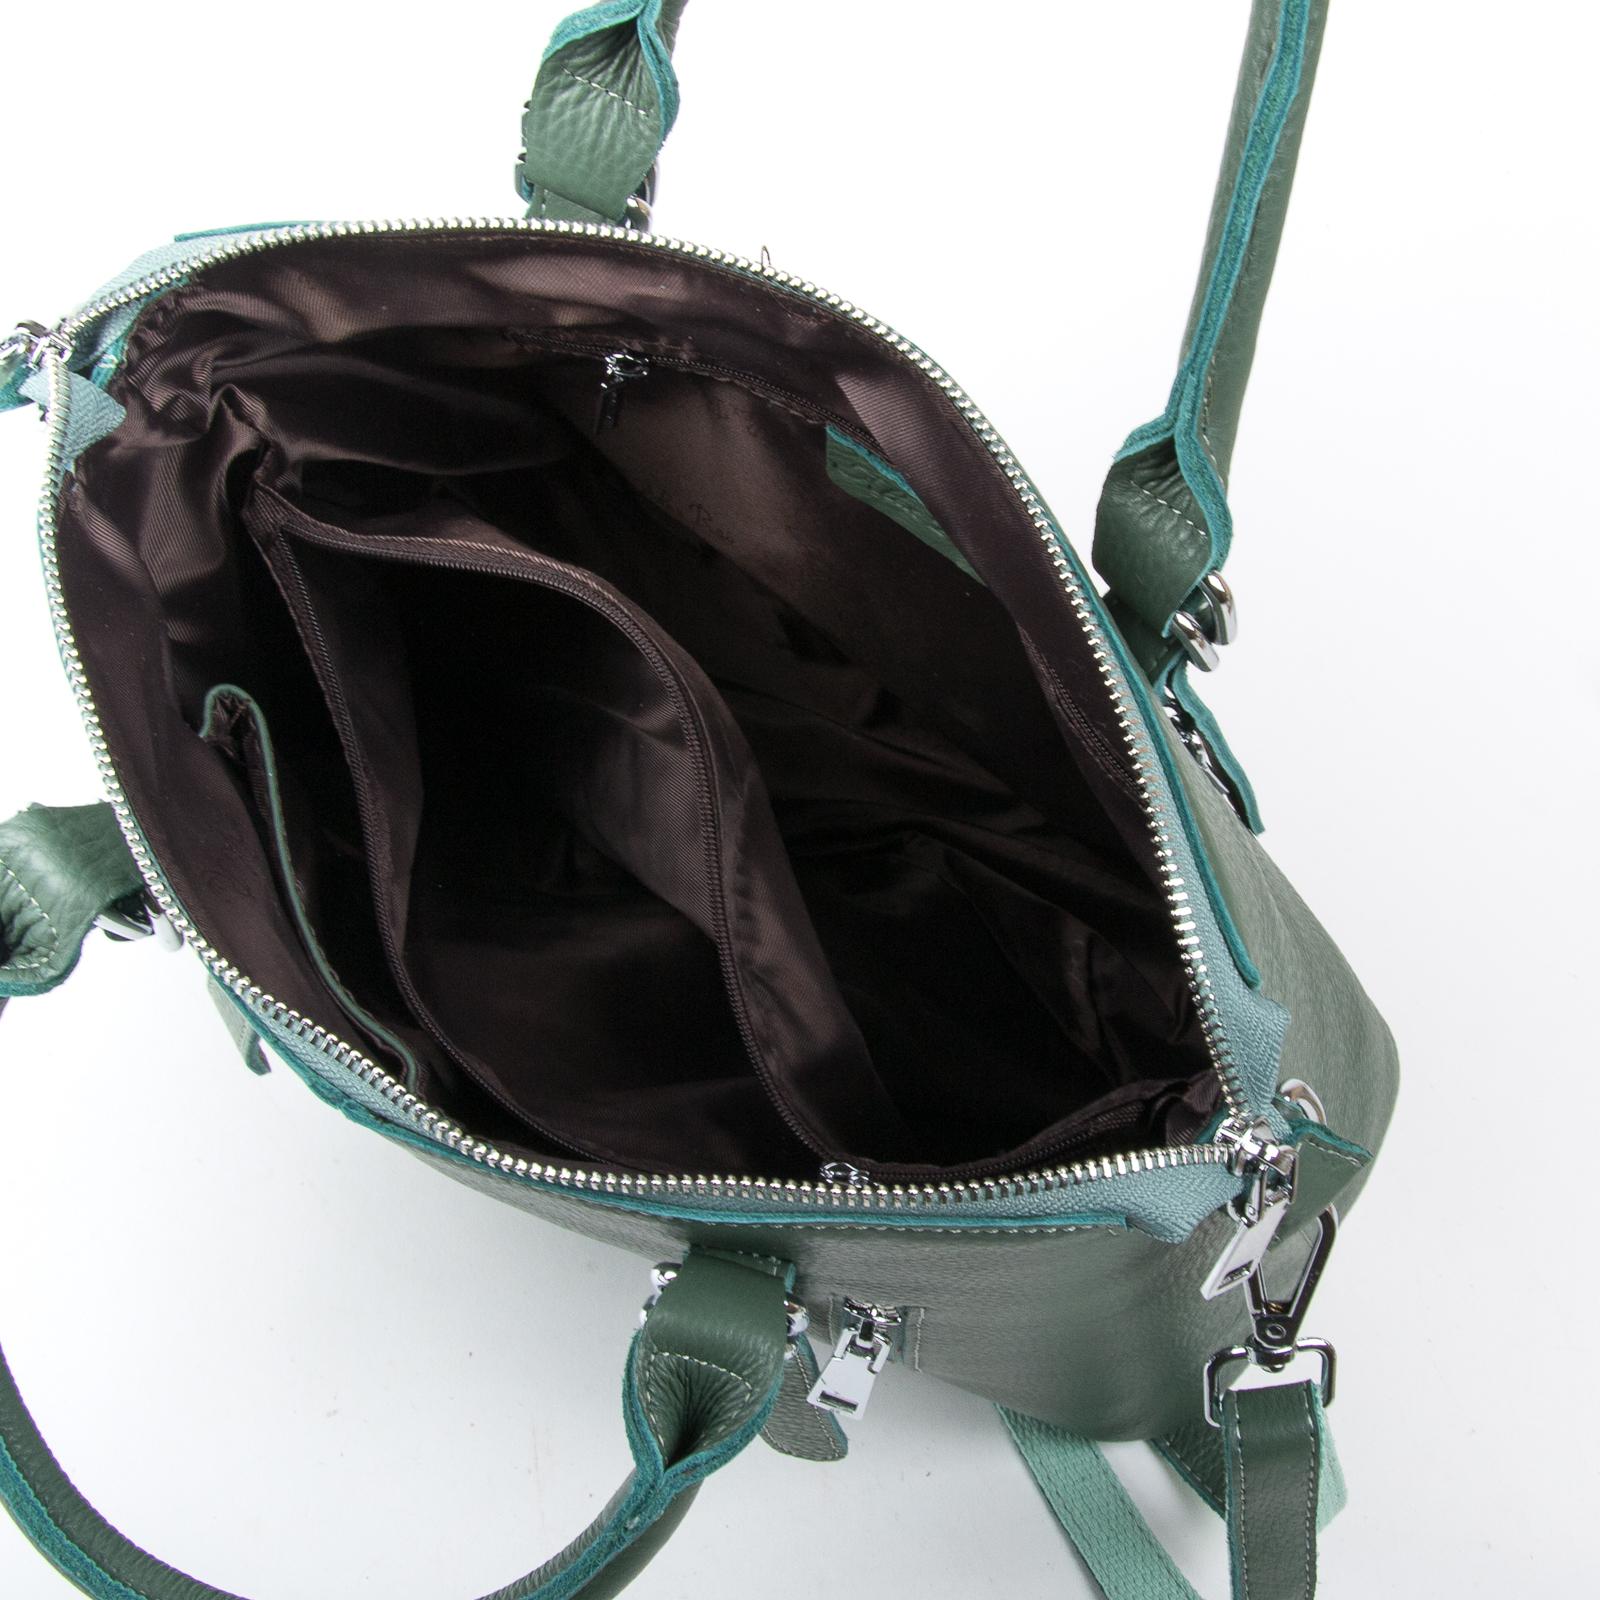 Сумка Женская Классическая кожа ALEX RAI 03-01 7125 light-green - фото 5